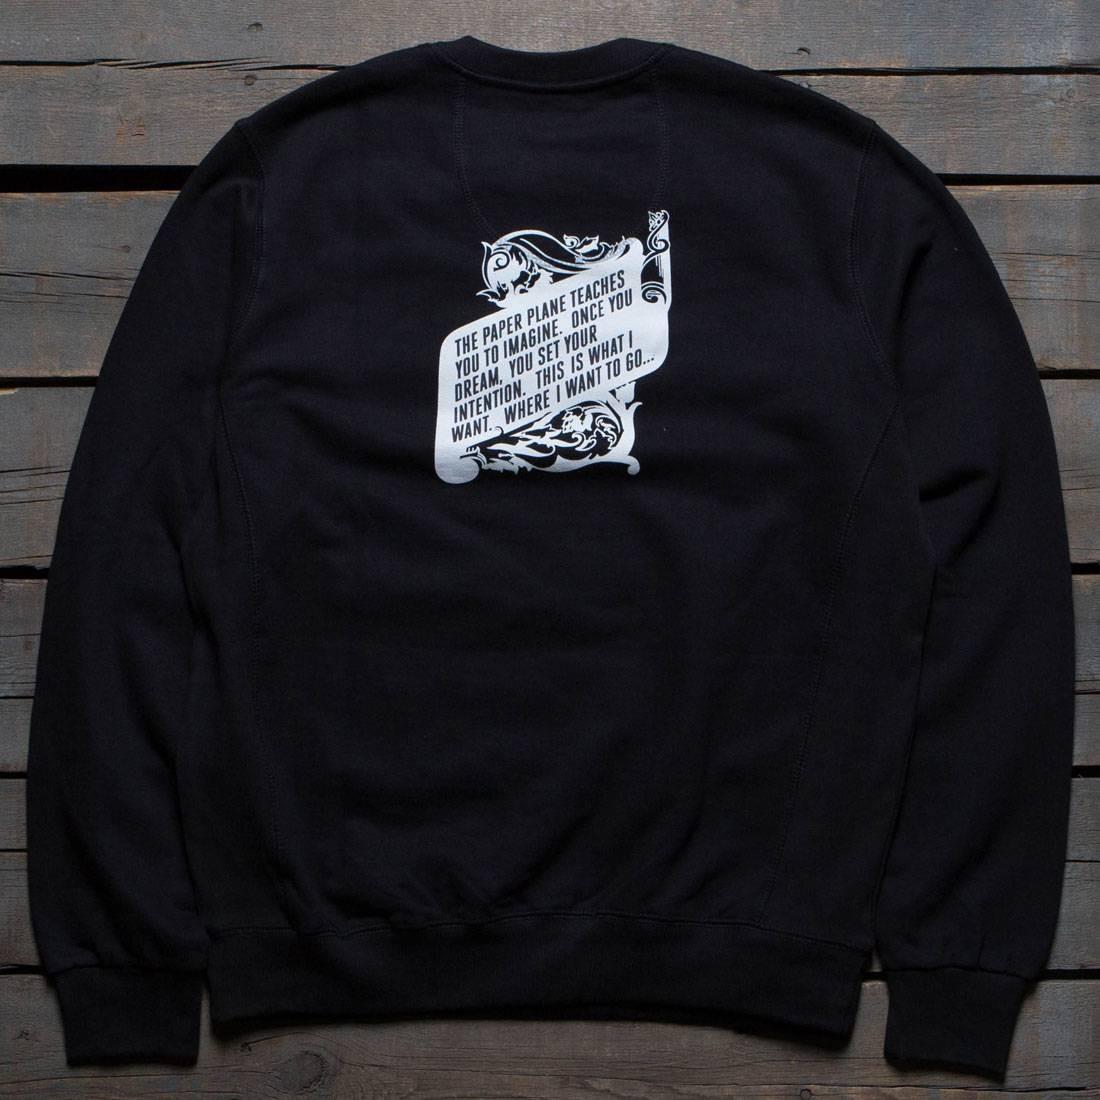 黒 ブラック 【 BLACK PAPER PLANES MEN THE CONSTITUTION CREWNECK SWEATER 】 メンズファッション トップス Tシャツ カットソー